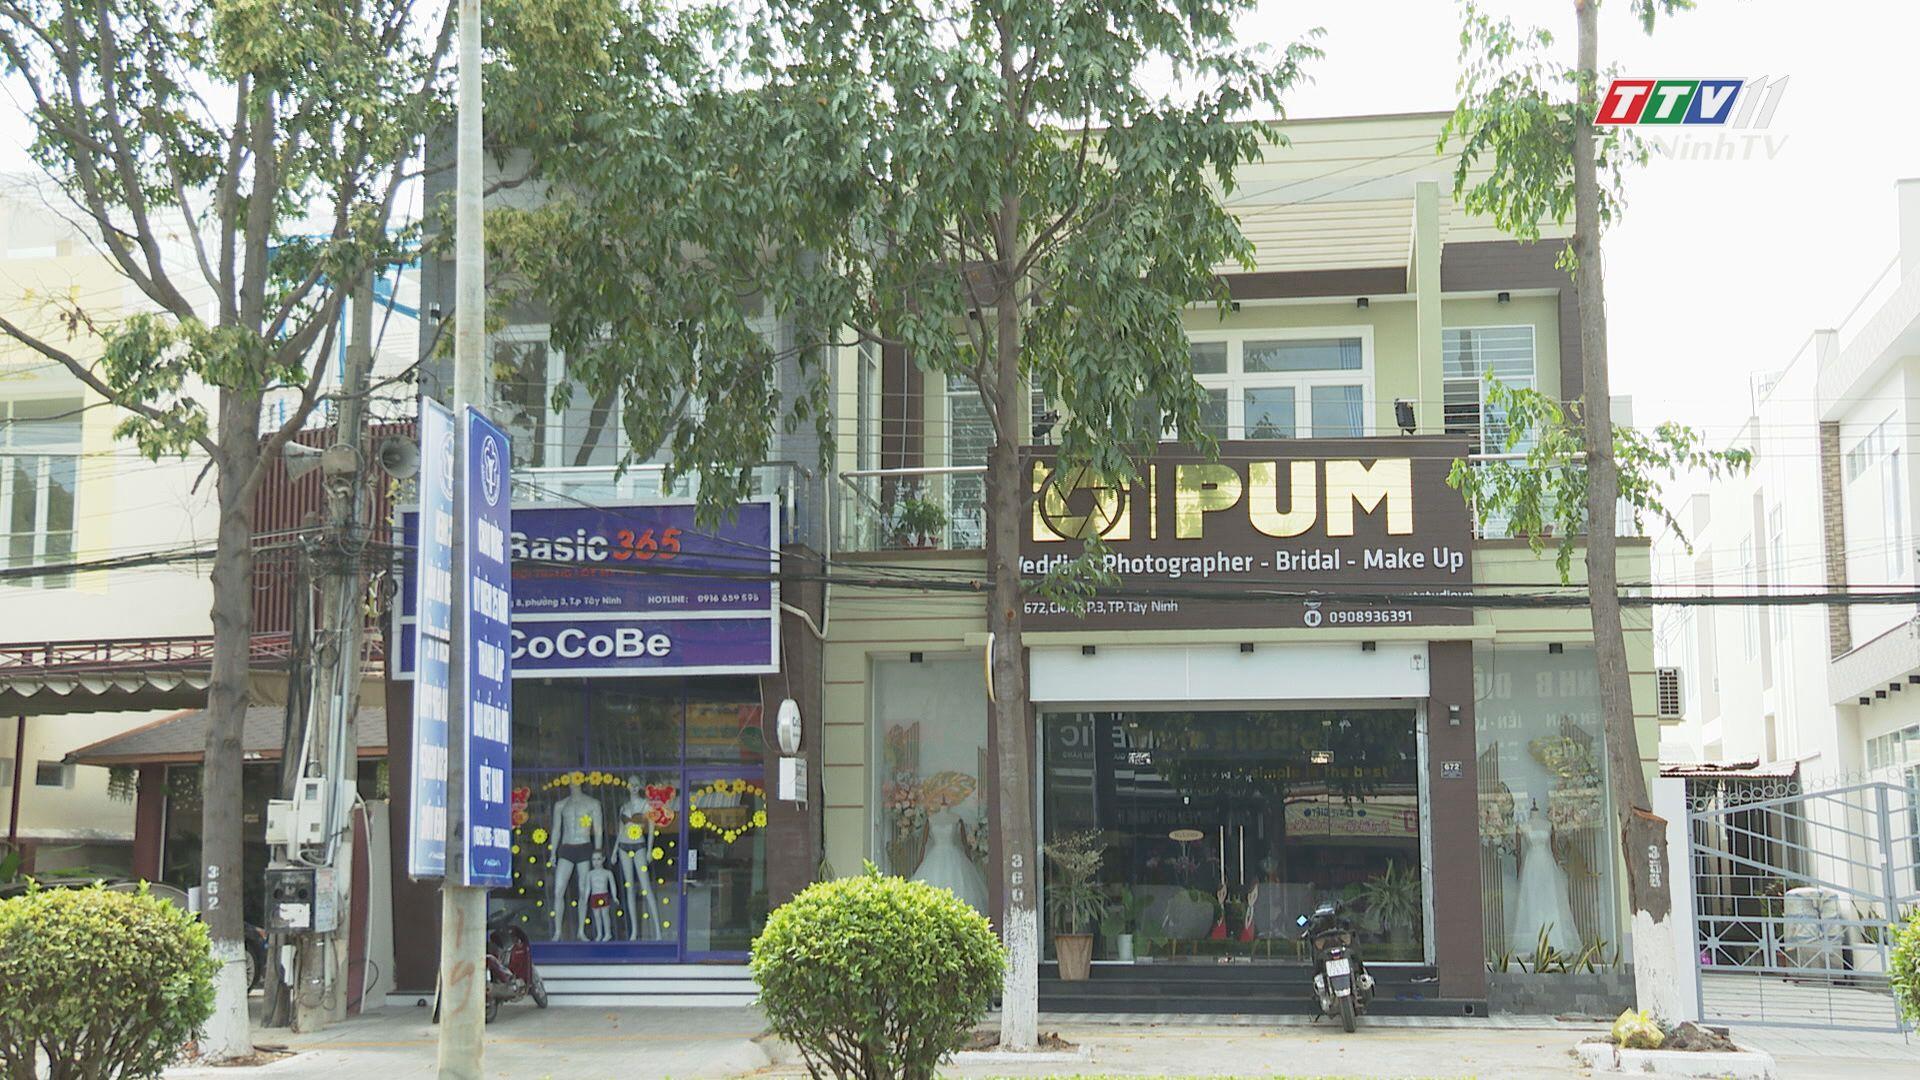 Tây Ninh còn có biển quảng cáo chưa đúng quy định | VÌ VĂN MINH CUỘC SỐNG | TayNinhTV